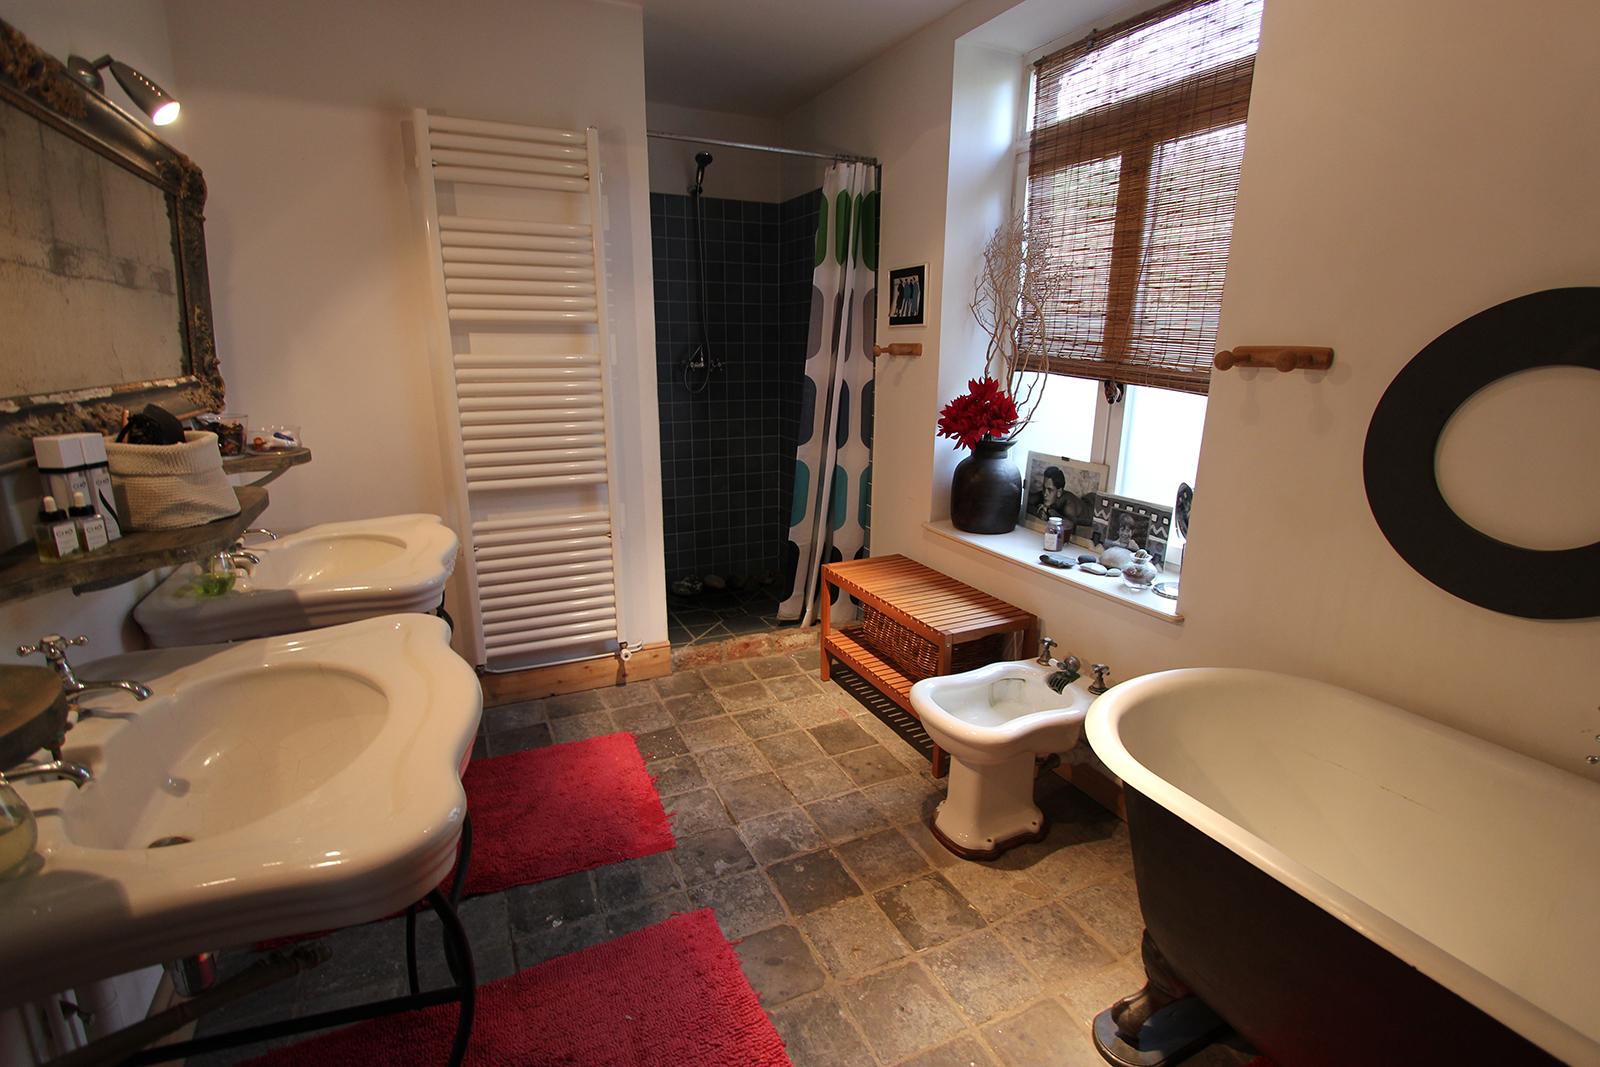 Photo 10 salle de bains